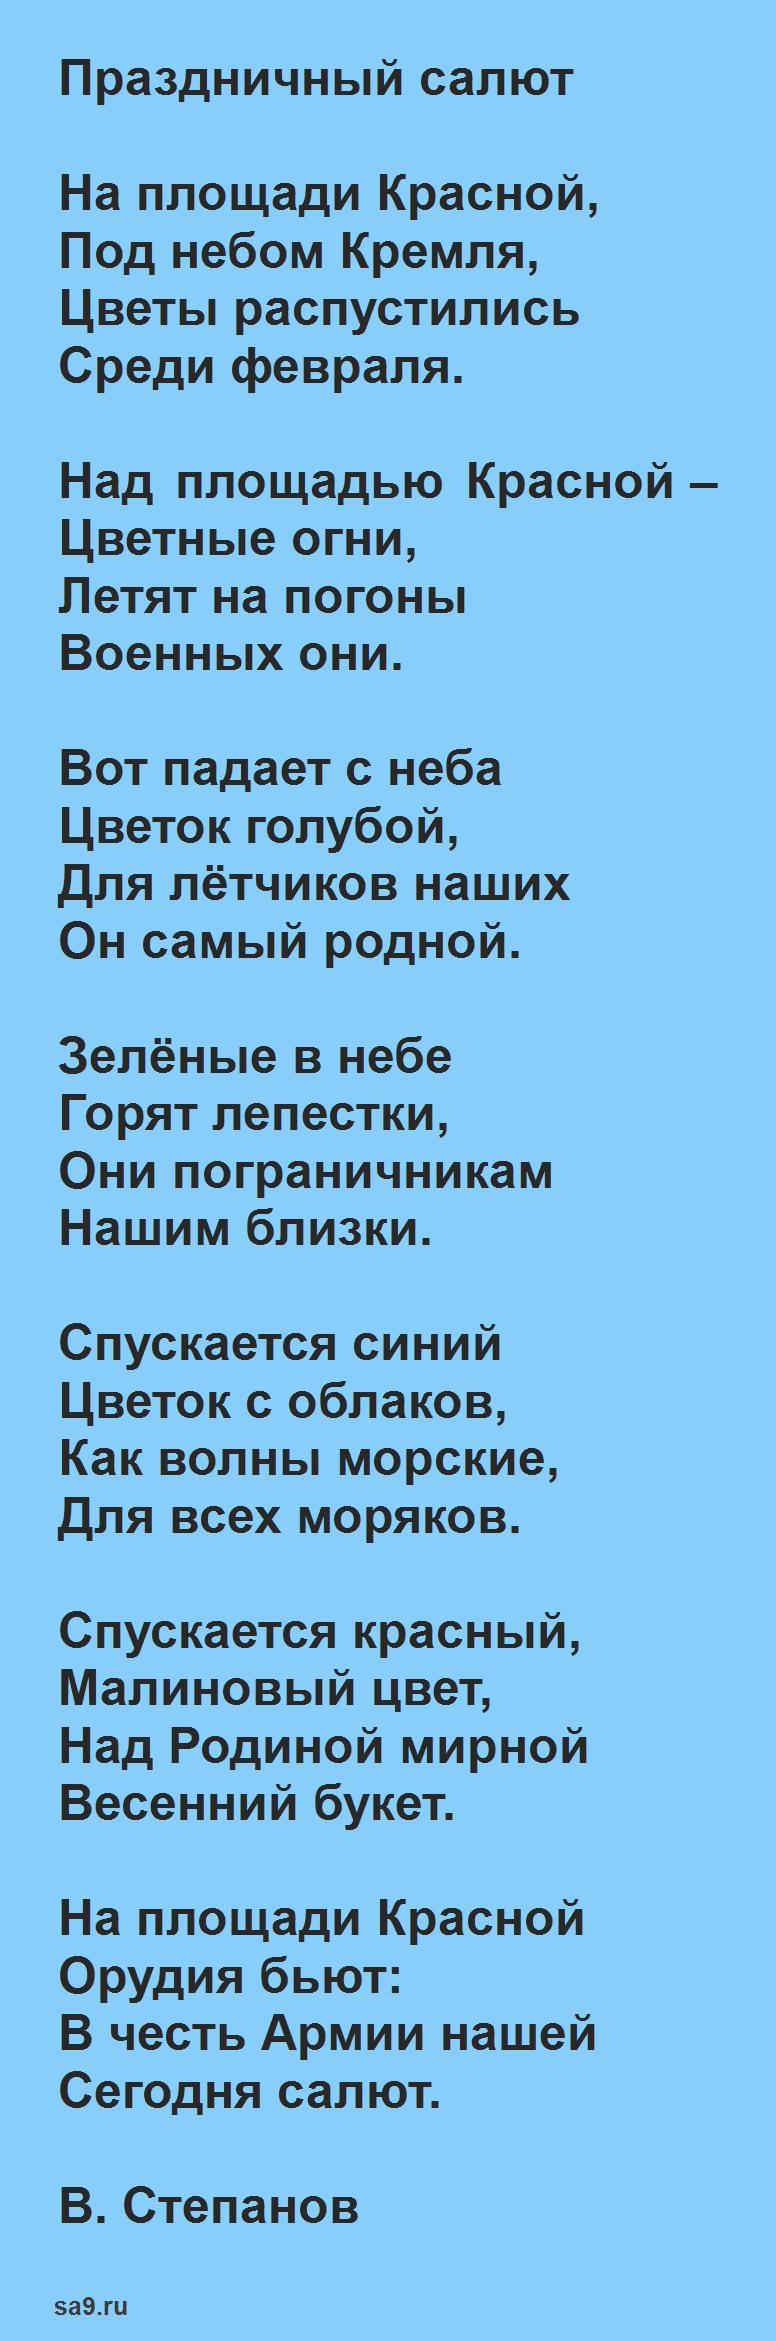 Стихи на 23 февраля для детей 6-7 лет, для заучивания наизусть